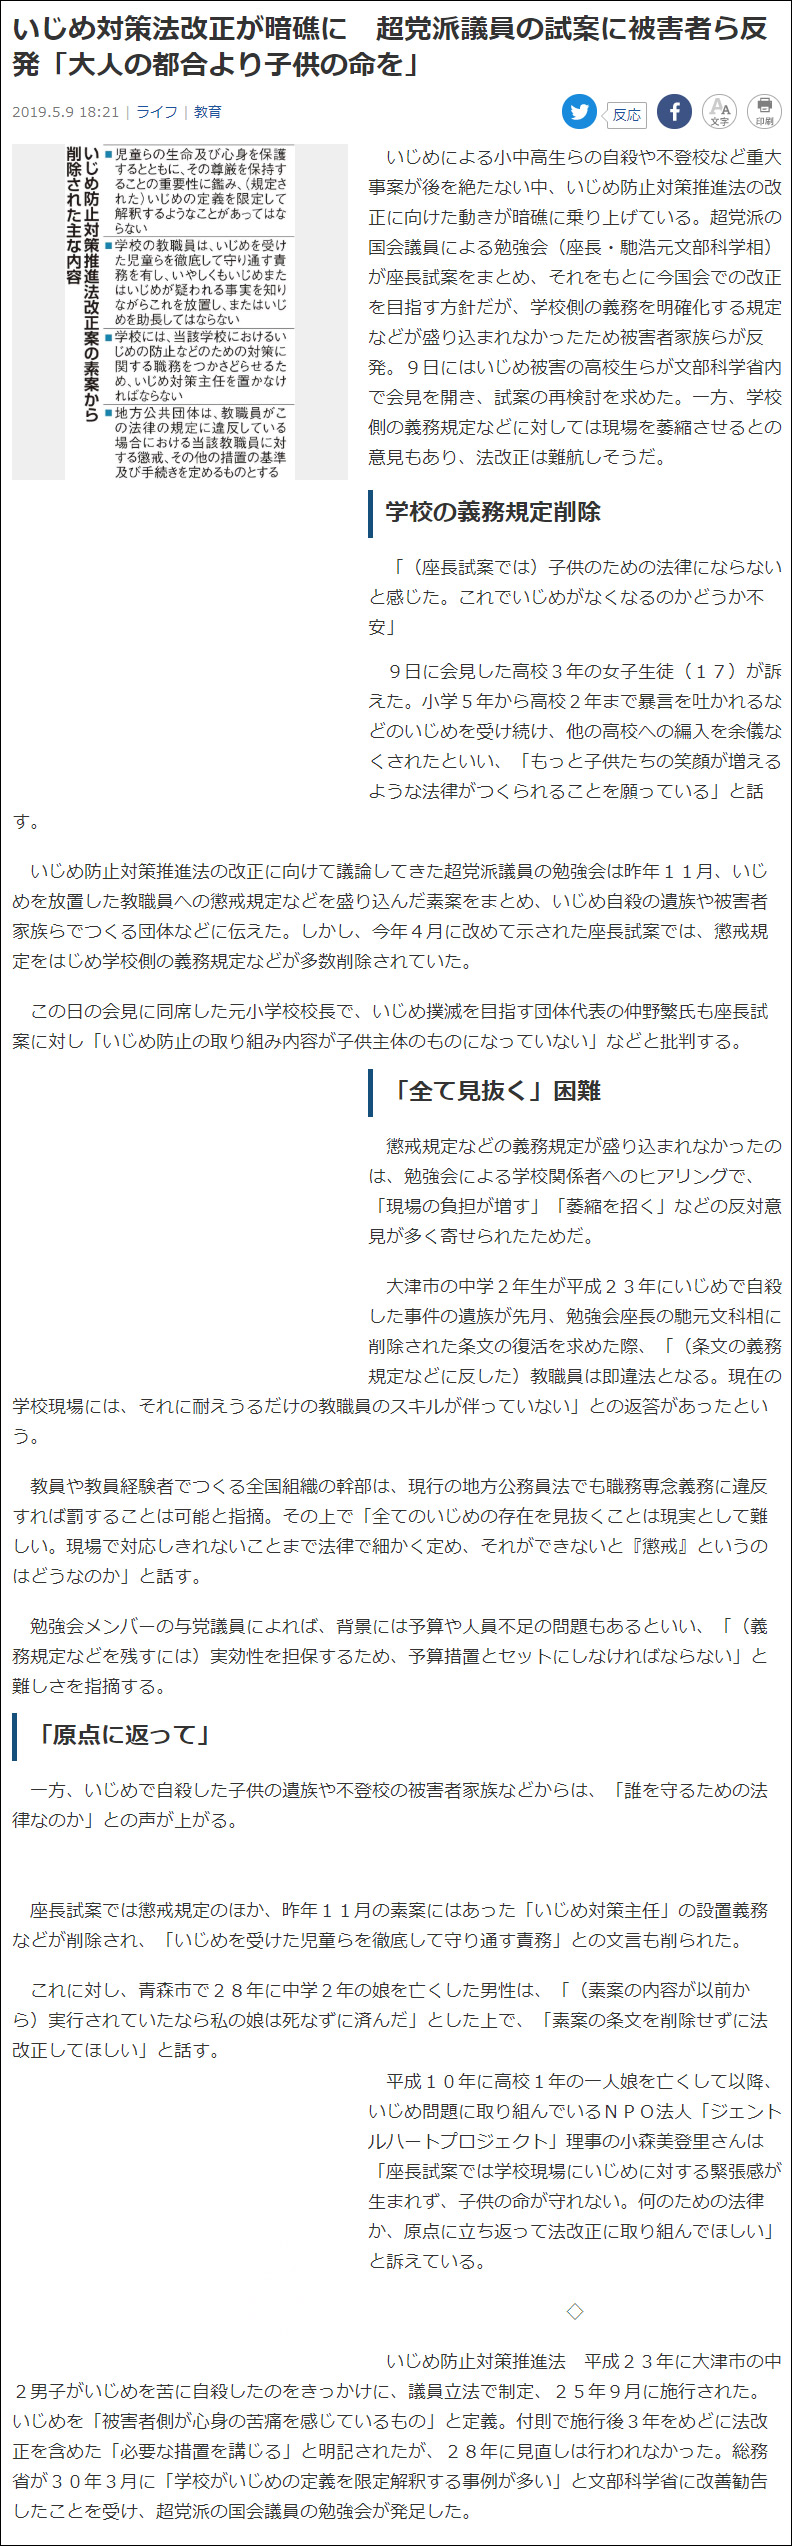 小森美登里:産経新聞、2019年5月9日「いじめ対策法改正が暗礁に 超党派議員の試案に被害者ら反発『大人の都合より子供の命を』」掲載